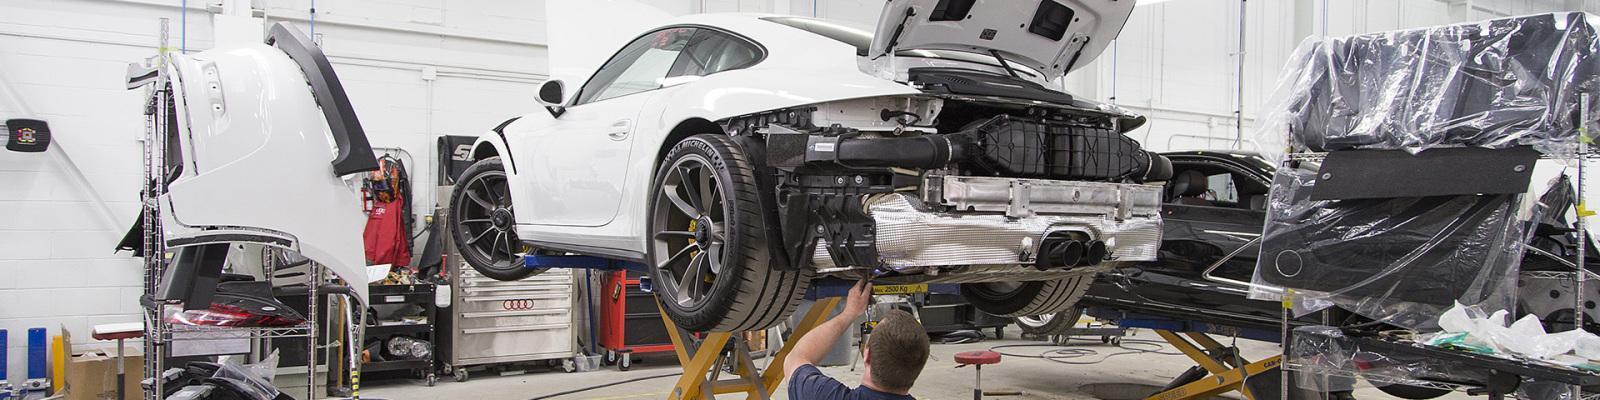 Body Repair Shop Near Me >> Porsche Auto Body Repair Collision In Greensboro Nc